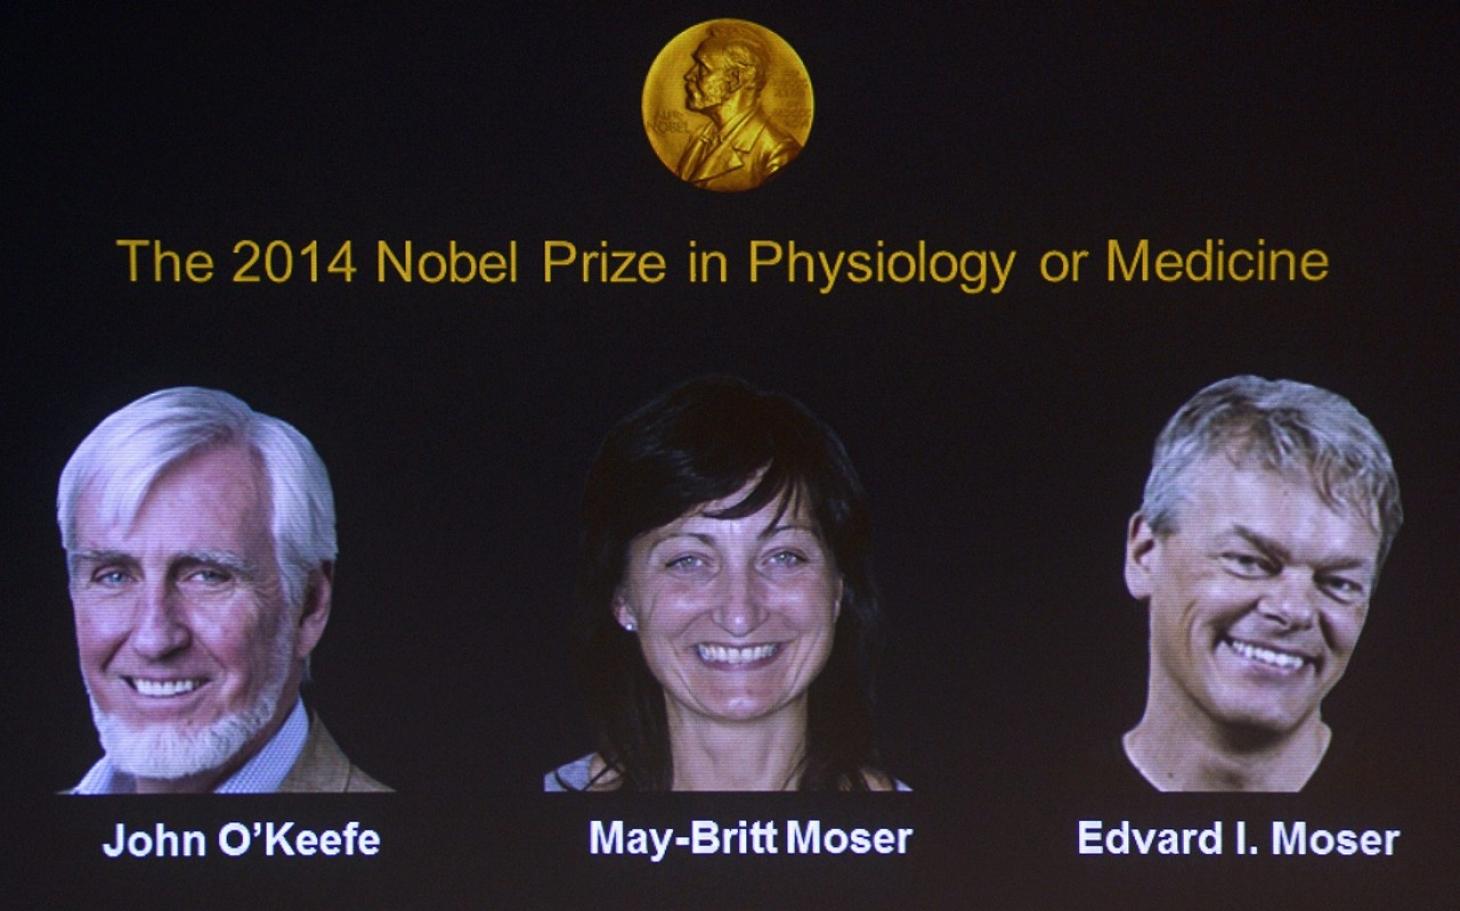 Nobel Prize in medicine awarded for discovery of brain's